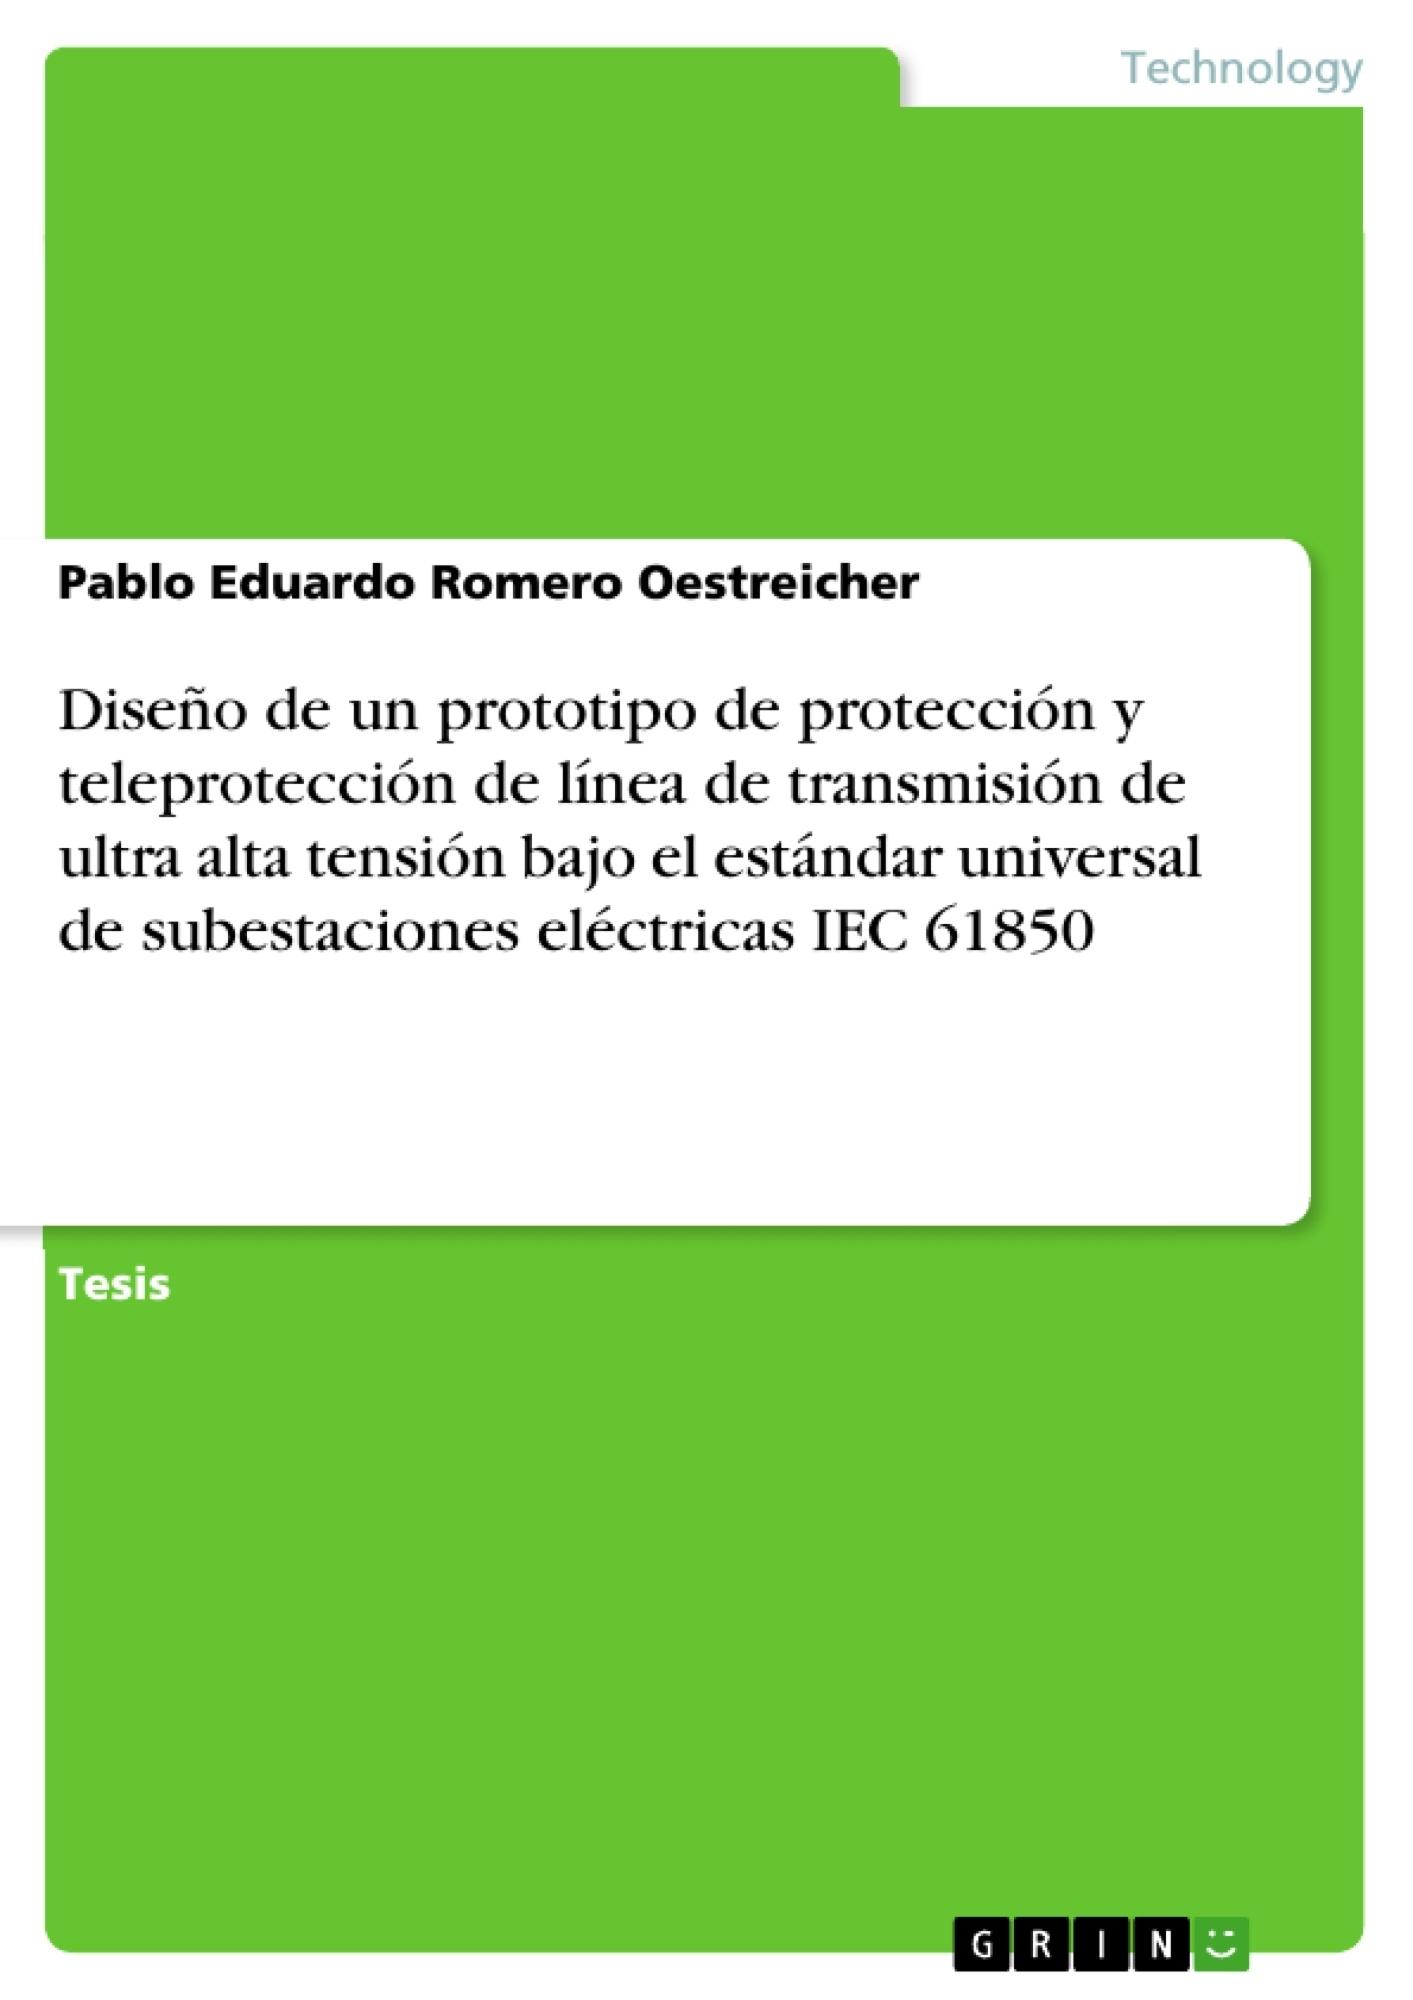 Título: Diseño de un prototipo de protección y teleprotección de línea de transmisión de ultra alta tensión bajo el estándar universal de subestaciones eléctricas IEC 61850